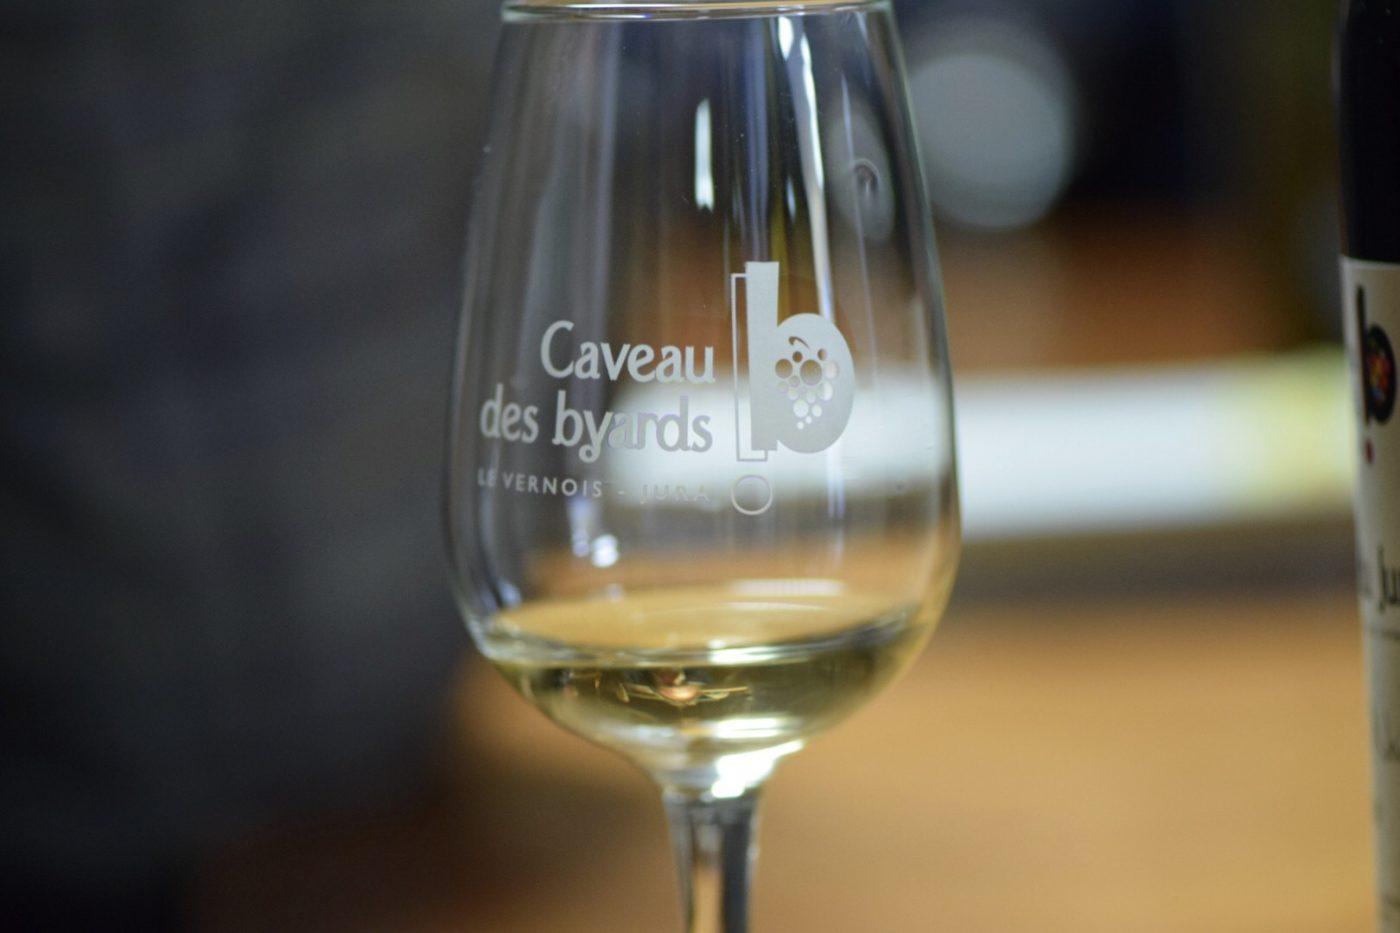 caveau des byards - Création Événements - Création graphique - Création Étiquette Vin